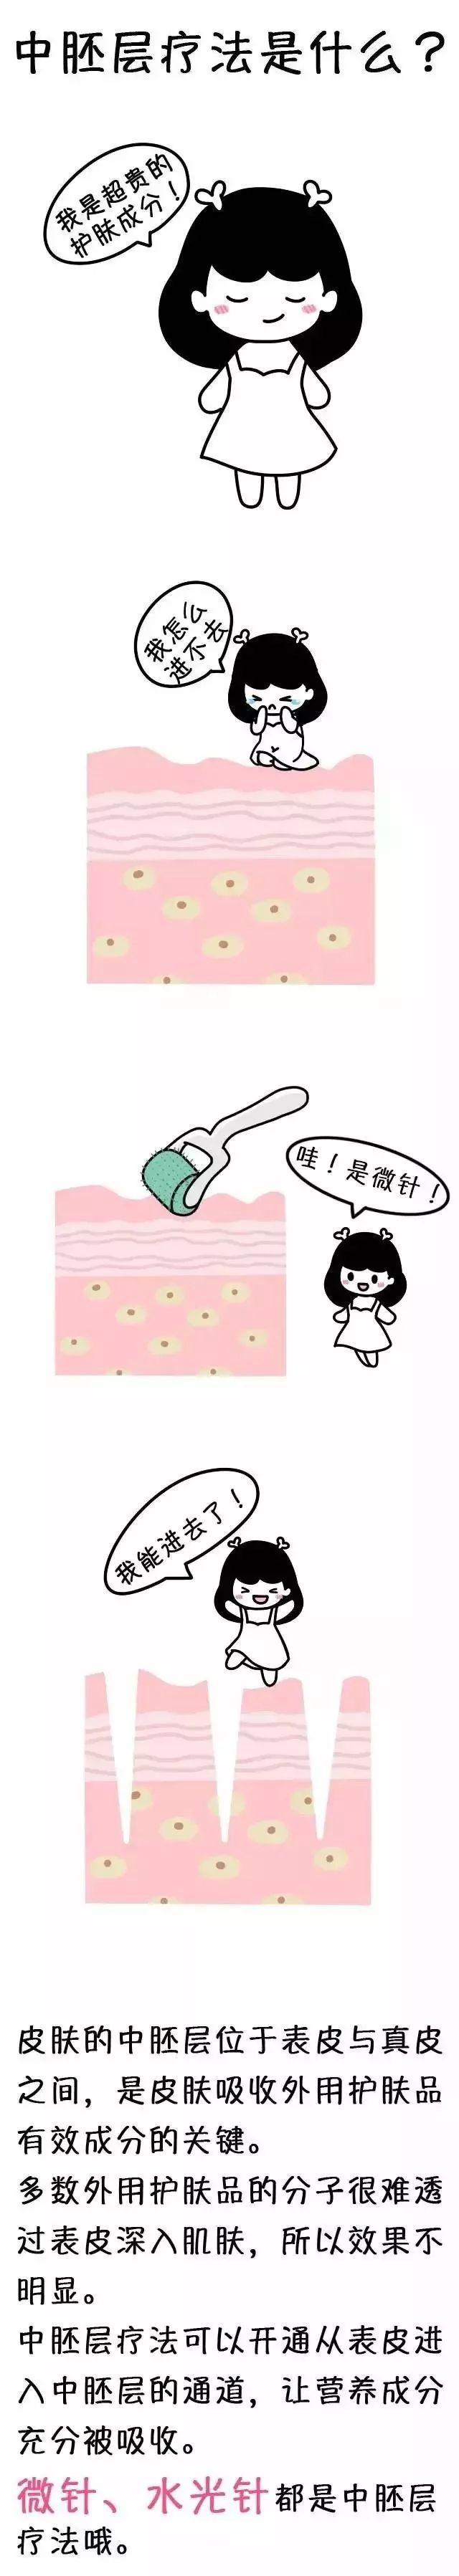 中胚层疗法